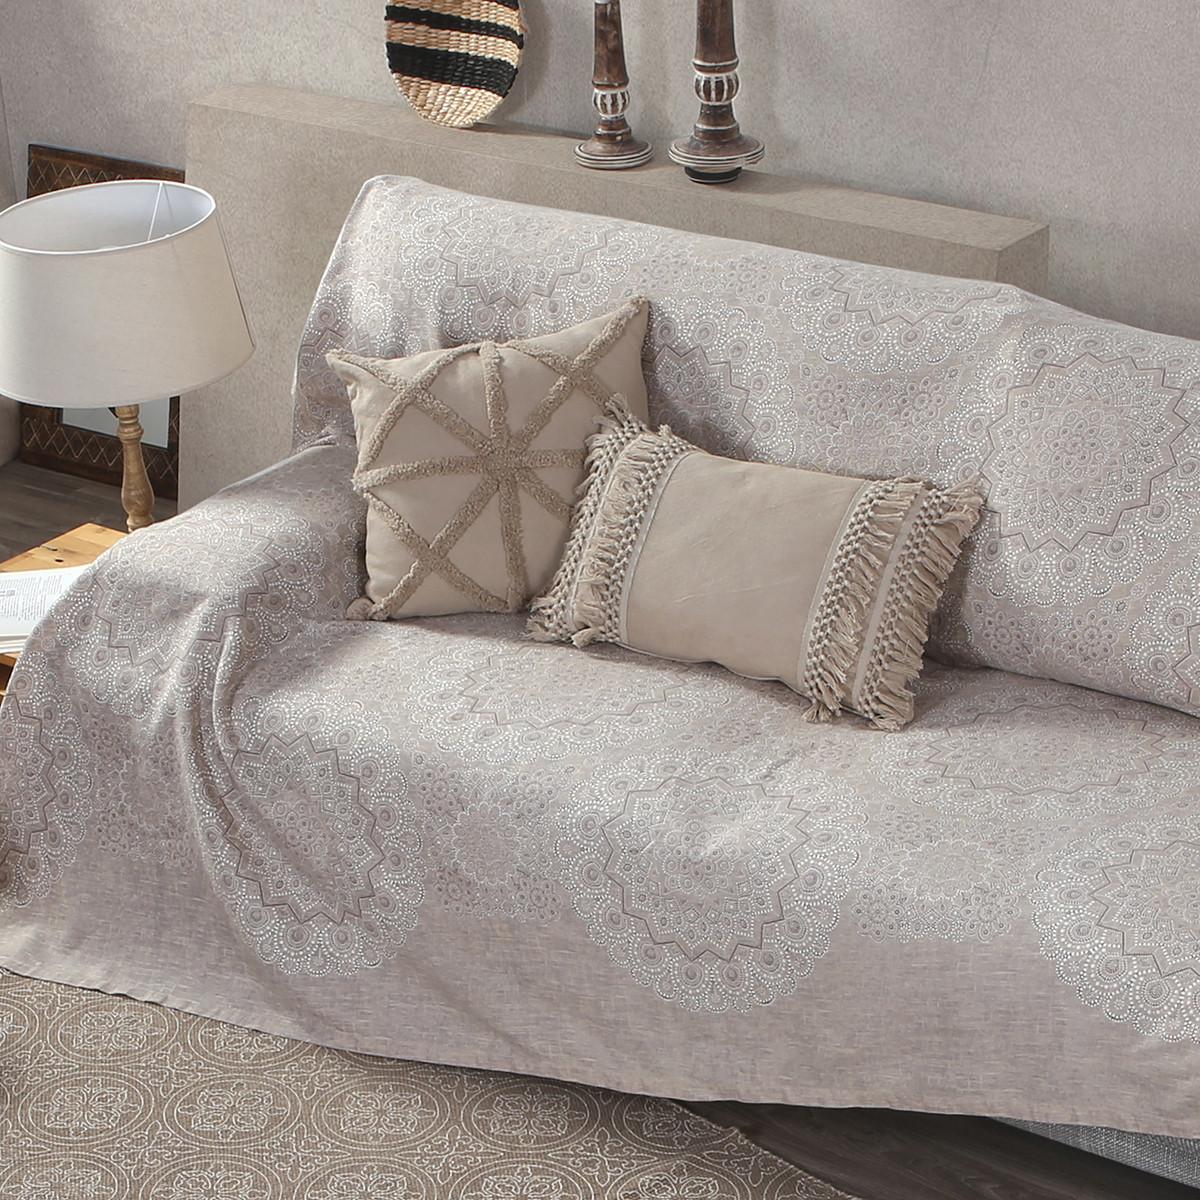 Ριχτάρι/Κουβερτόριο (180×250) Nef-Nef Bed&Sofa Dantelle Beige